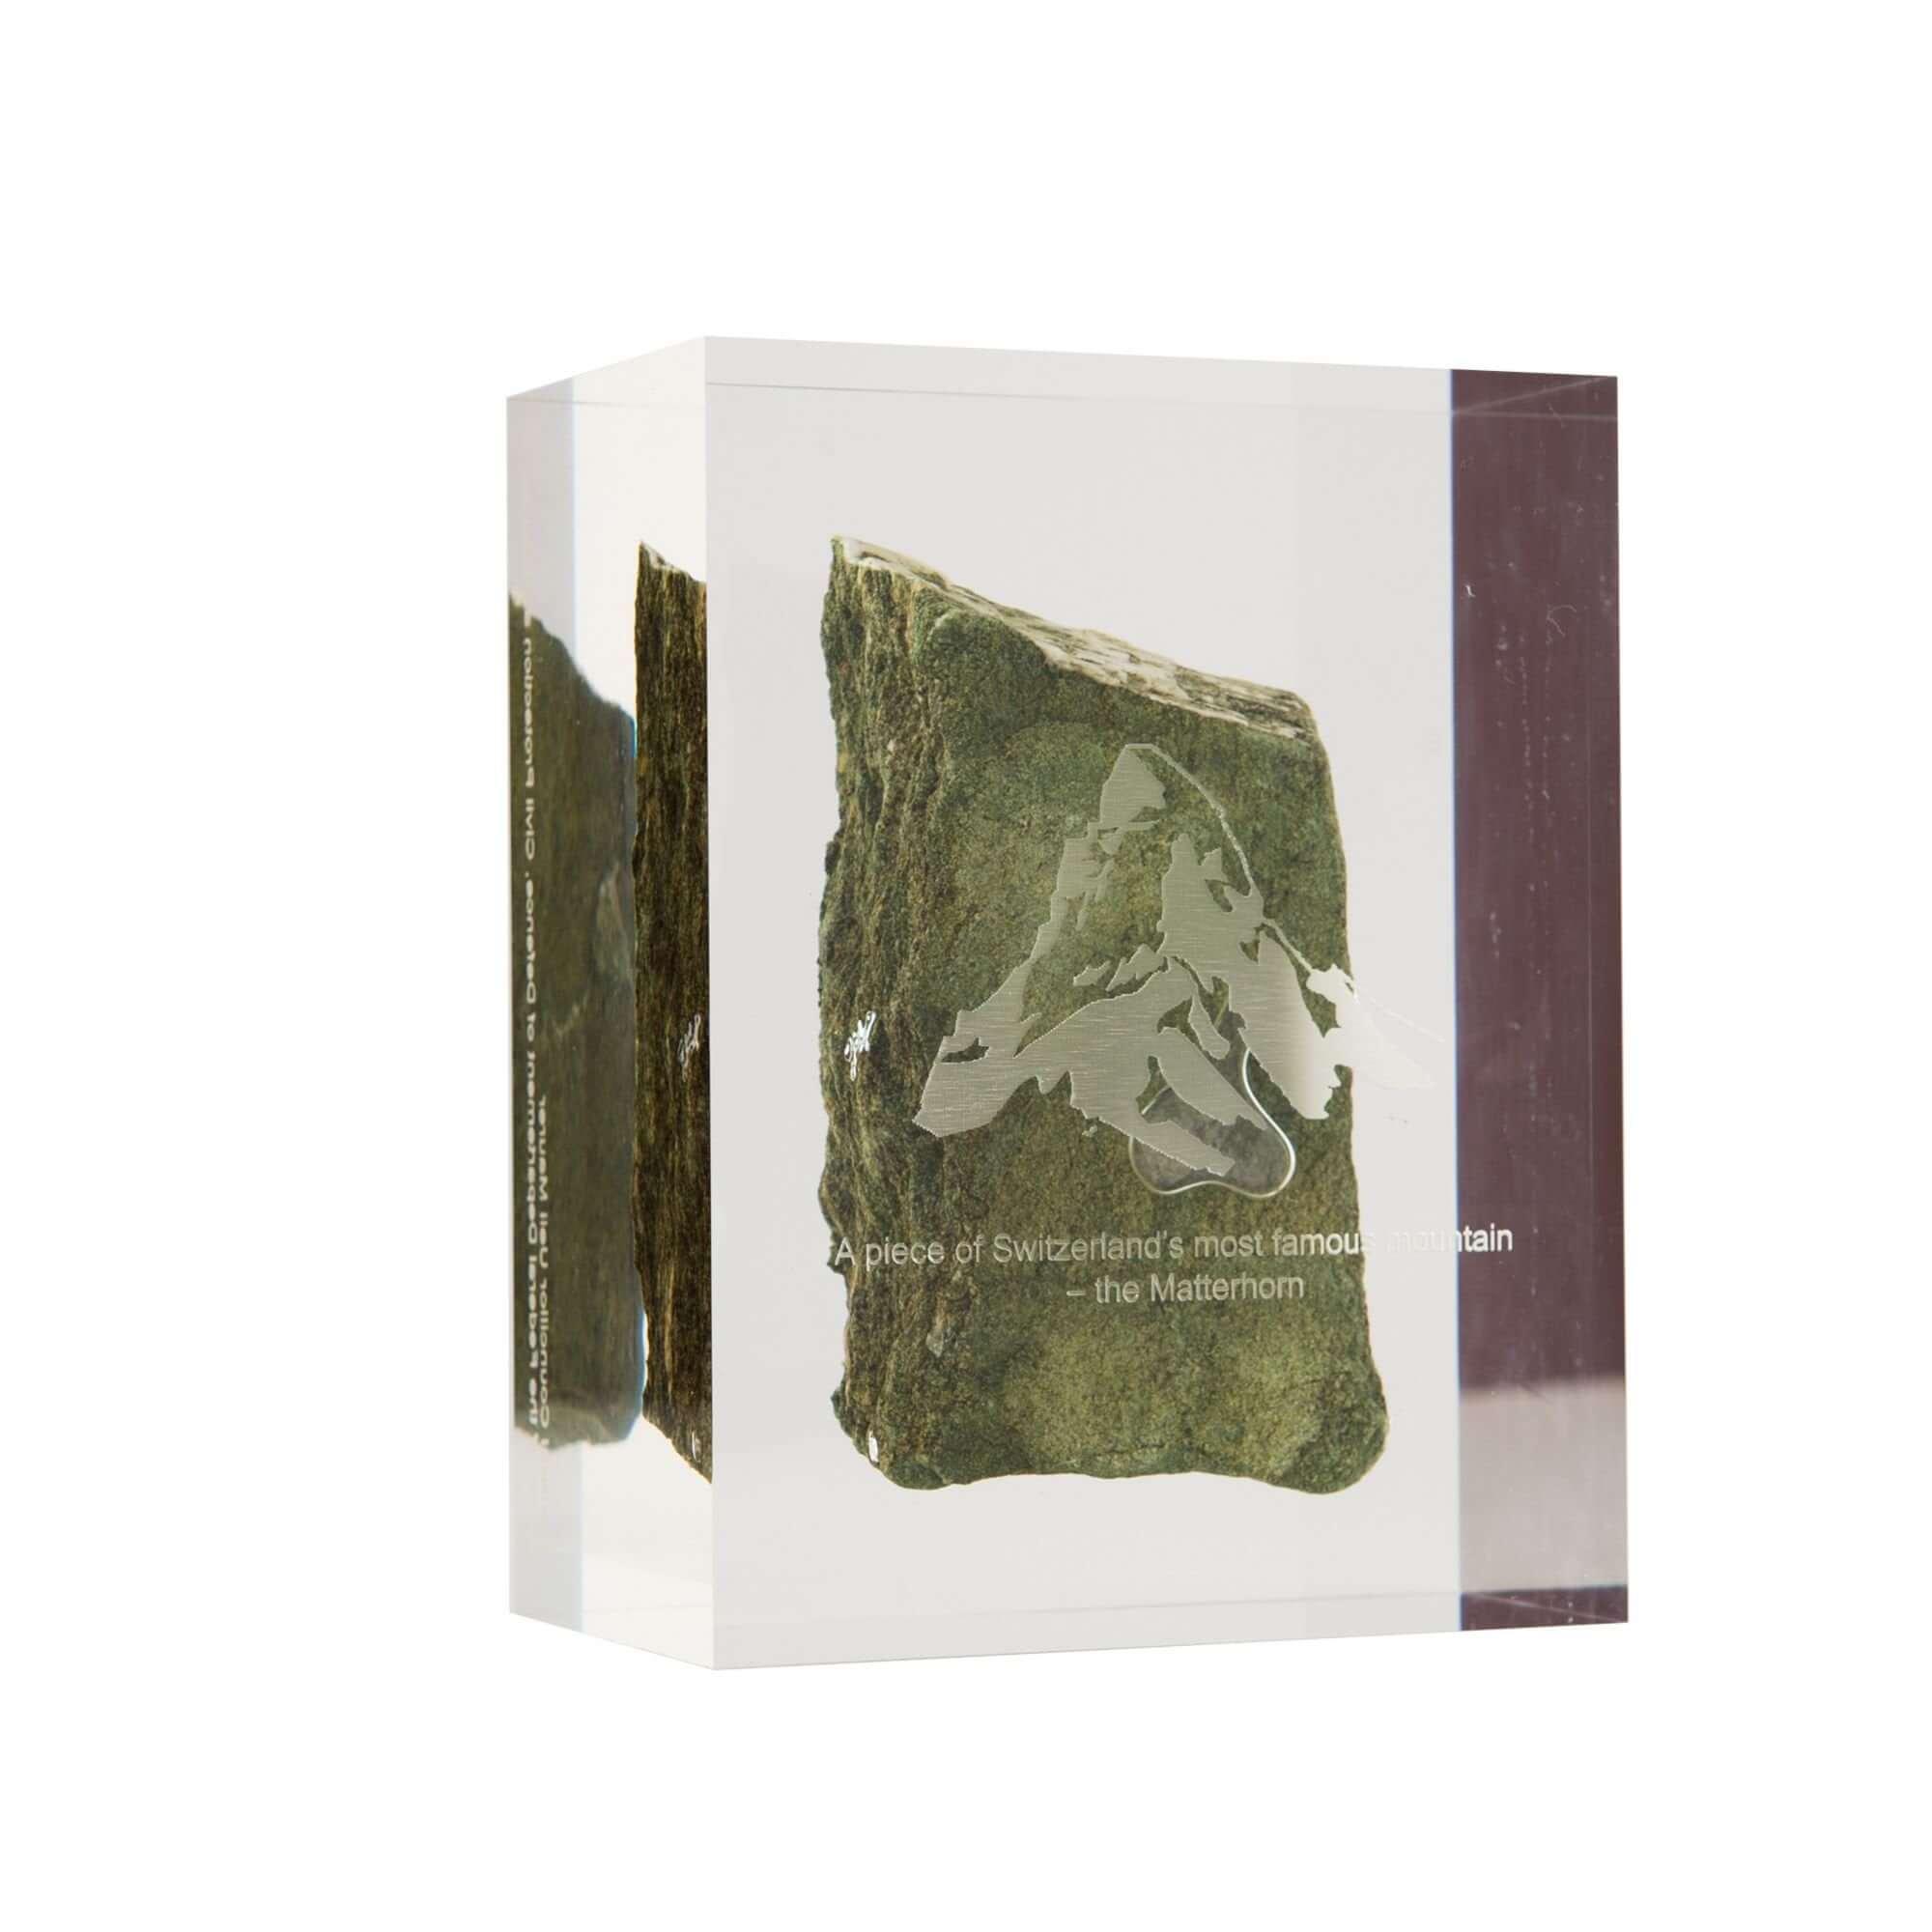 Acryline Auszeichnung aus Acrylglas mit eingegossenem Stein vom Matterhorn, Vorderseite mit Gravur (Geschenk von Ueli Maurer an Staatsgäste) auszeichnung ehrung trophäe siegerpokal acryl kunststoff eingegossen graviert lasergeschnitten award